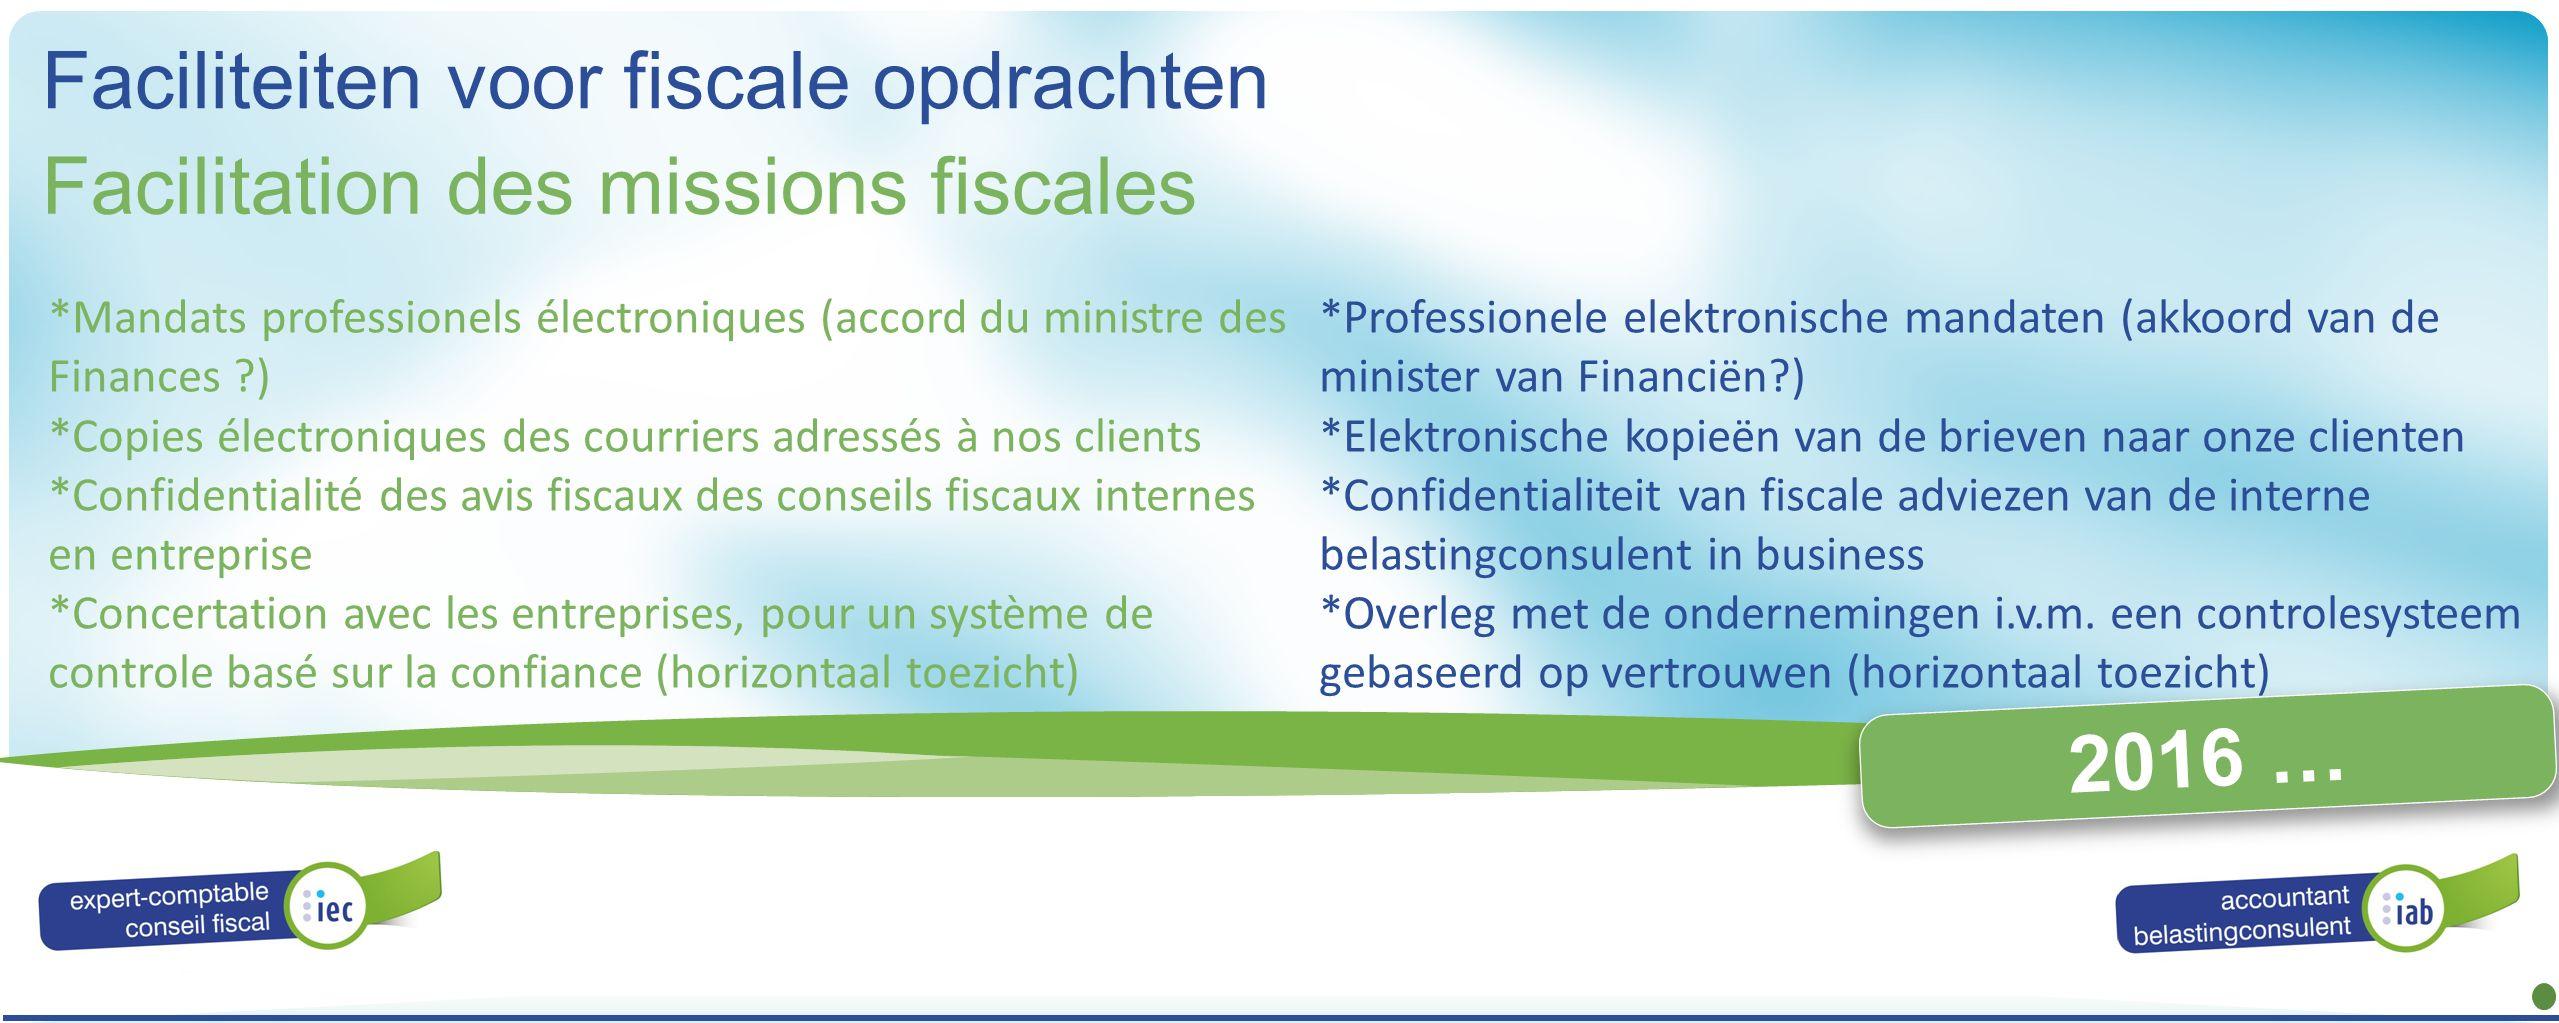 ALGEMENE VERGADERING ASSEMBLÉE GÉNÉRALE 2016 Facilitation des missions fiscales Faciliteiten voor fiscale opdrachten 2016 … *Mandats professionels éle